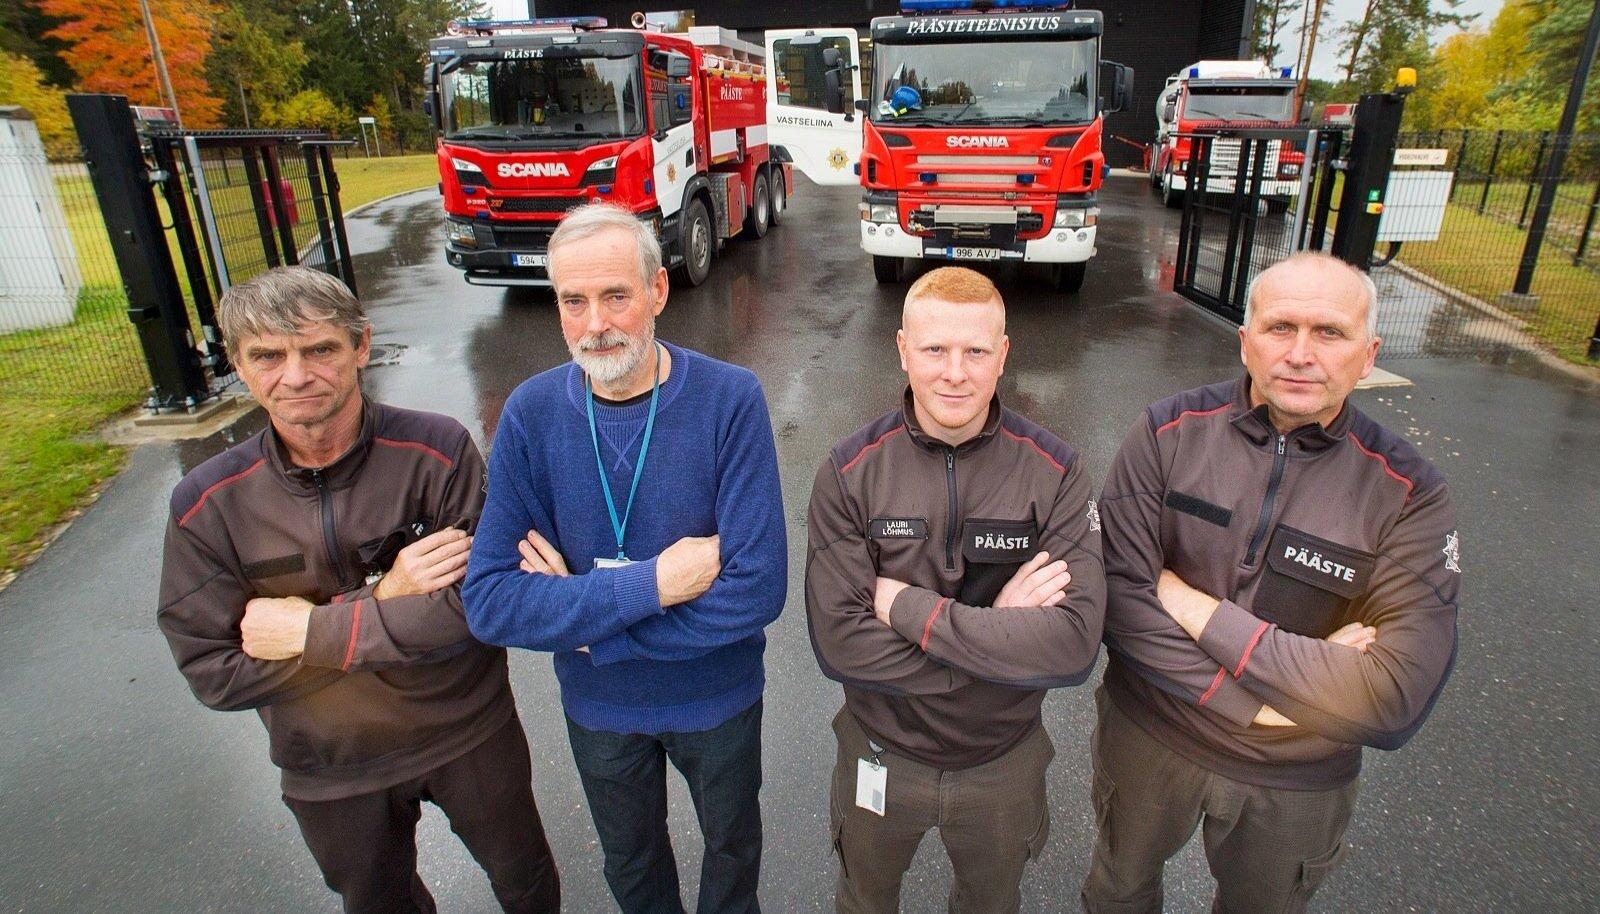 VASTSELIINA MEHED: Vasakult Urmas Kommer (päästja), Aivar Lai (komandopealik), Lauri Lõhmus (meeskonnavanem) ja Raul Nedo (päästja) ei jõua oma uut maja ära kiita.